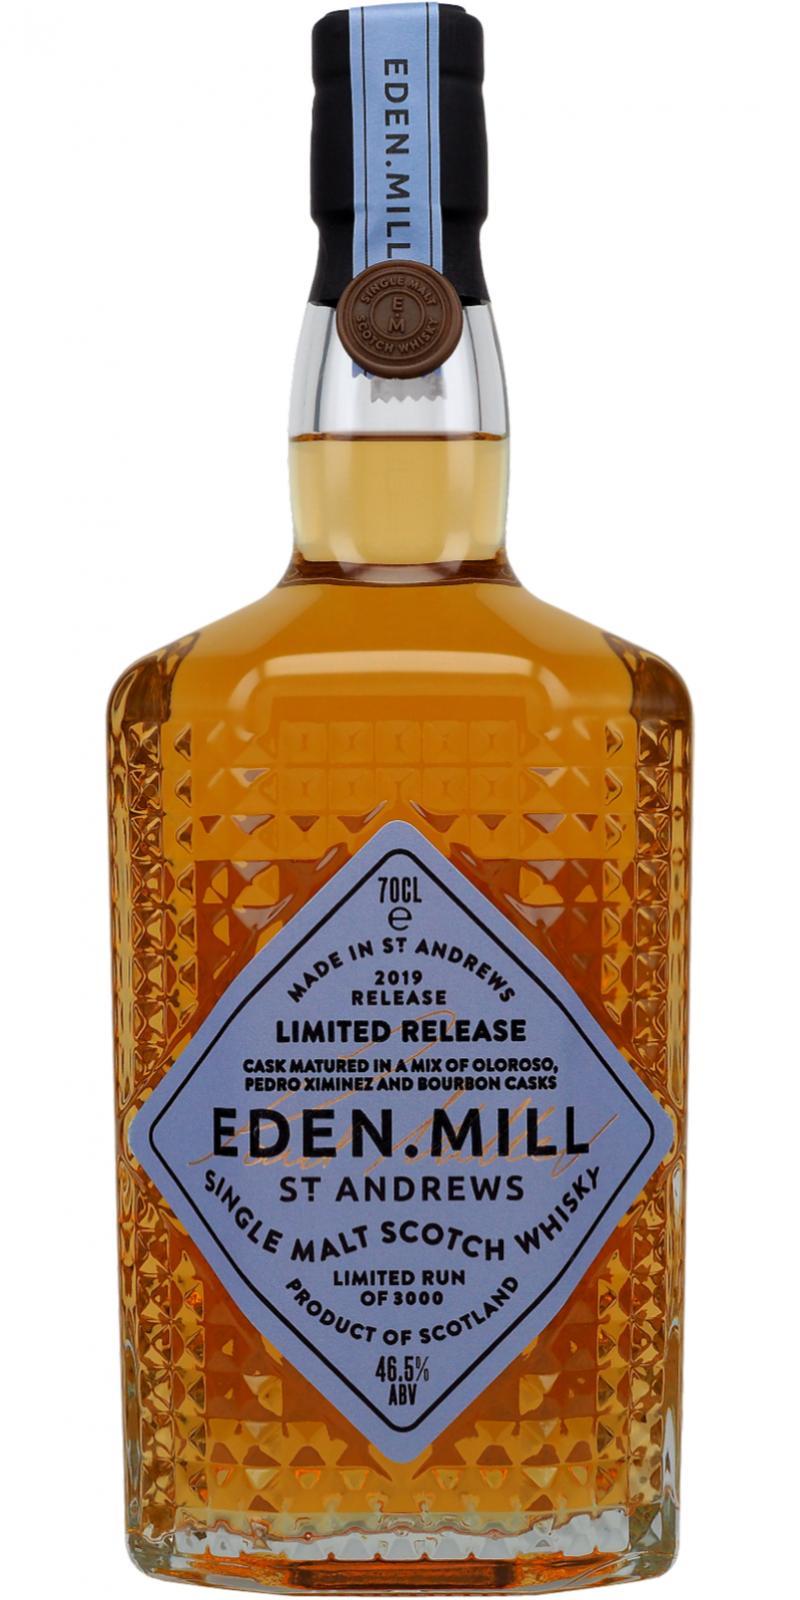 Eden Mill St. Andrews